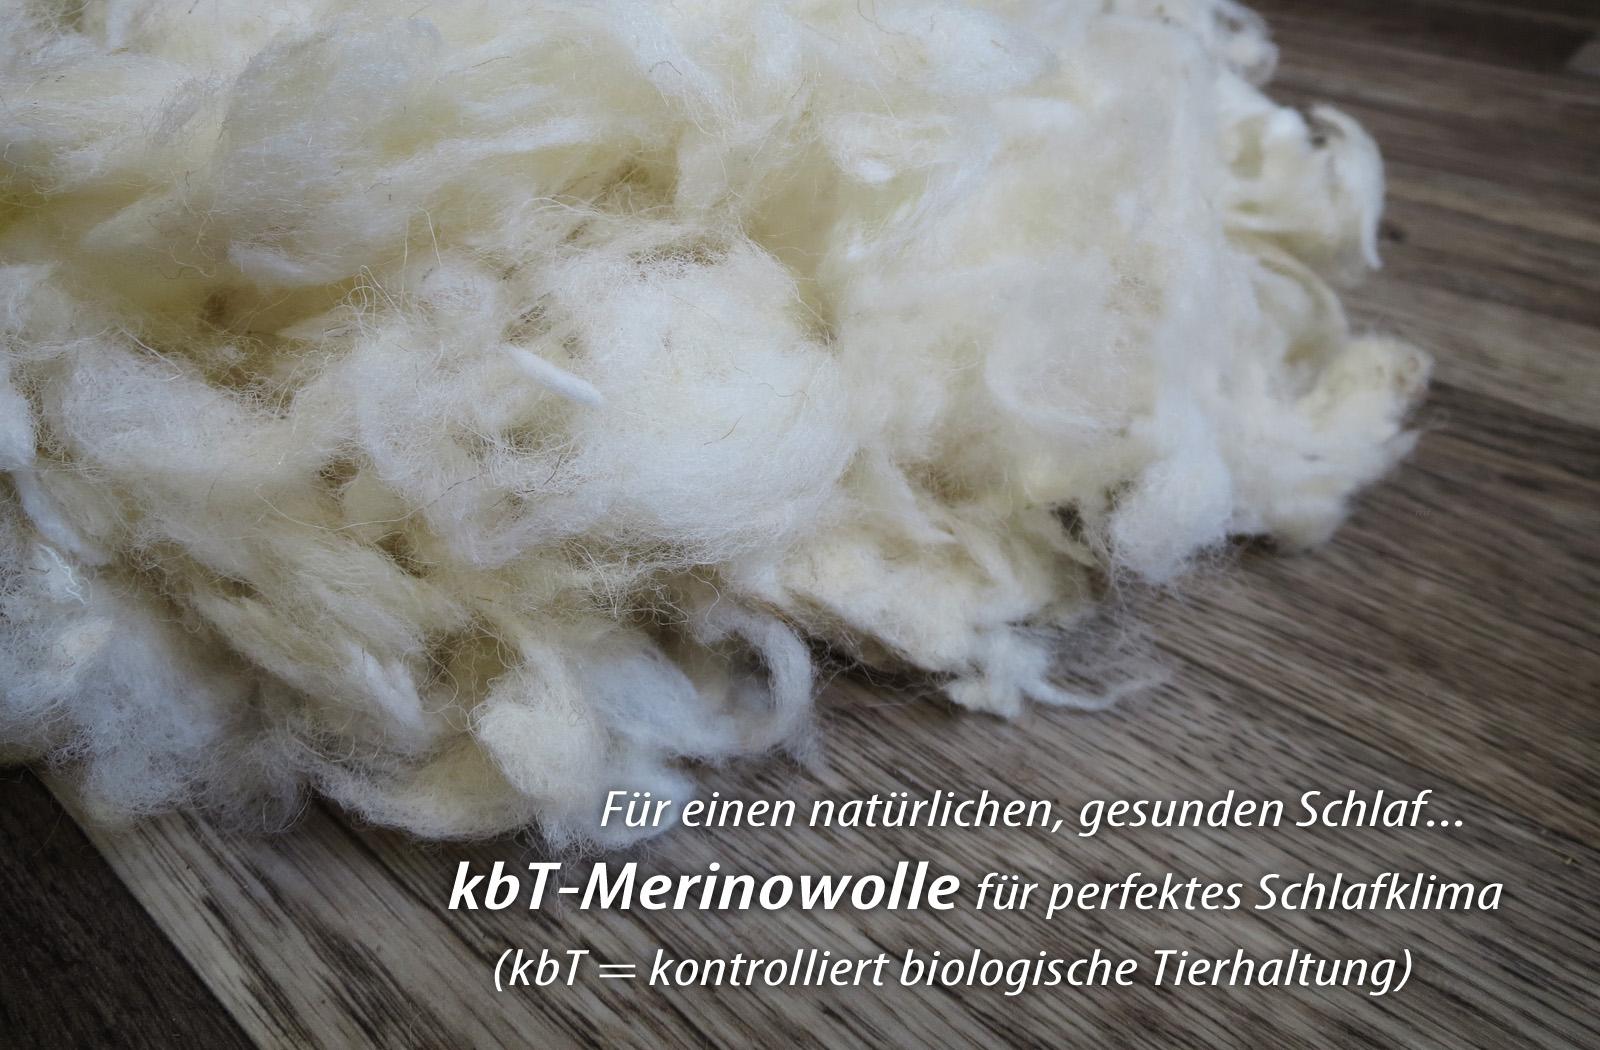 Kopfkissen mit Zirbenholz KBT Merino Schafschurwolle Kissen BIO KBA Baumwolle Zirbe – Bild 5